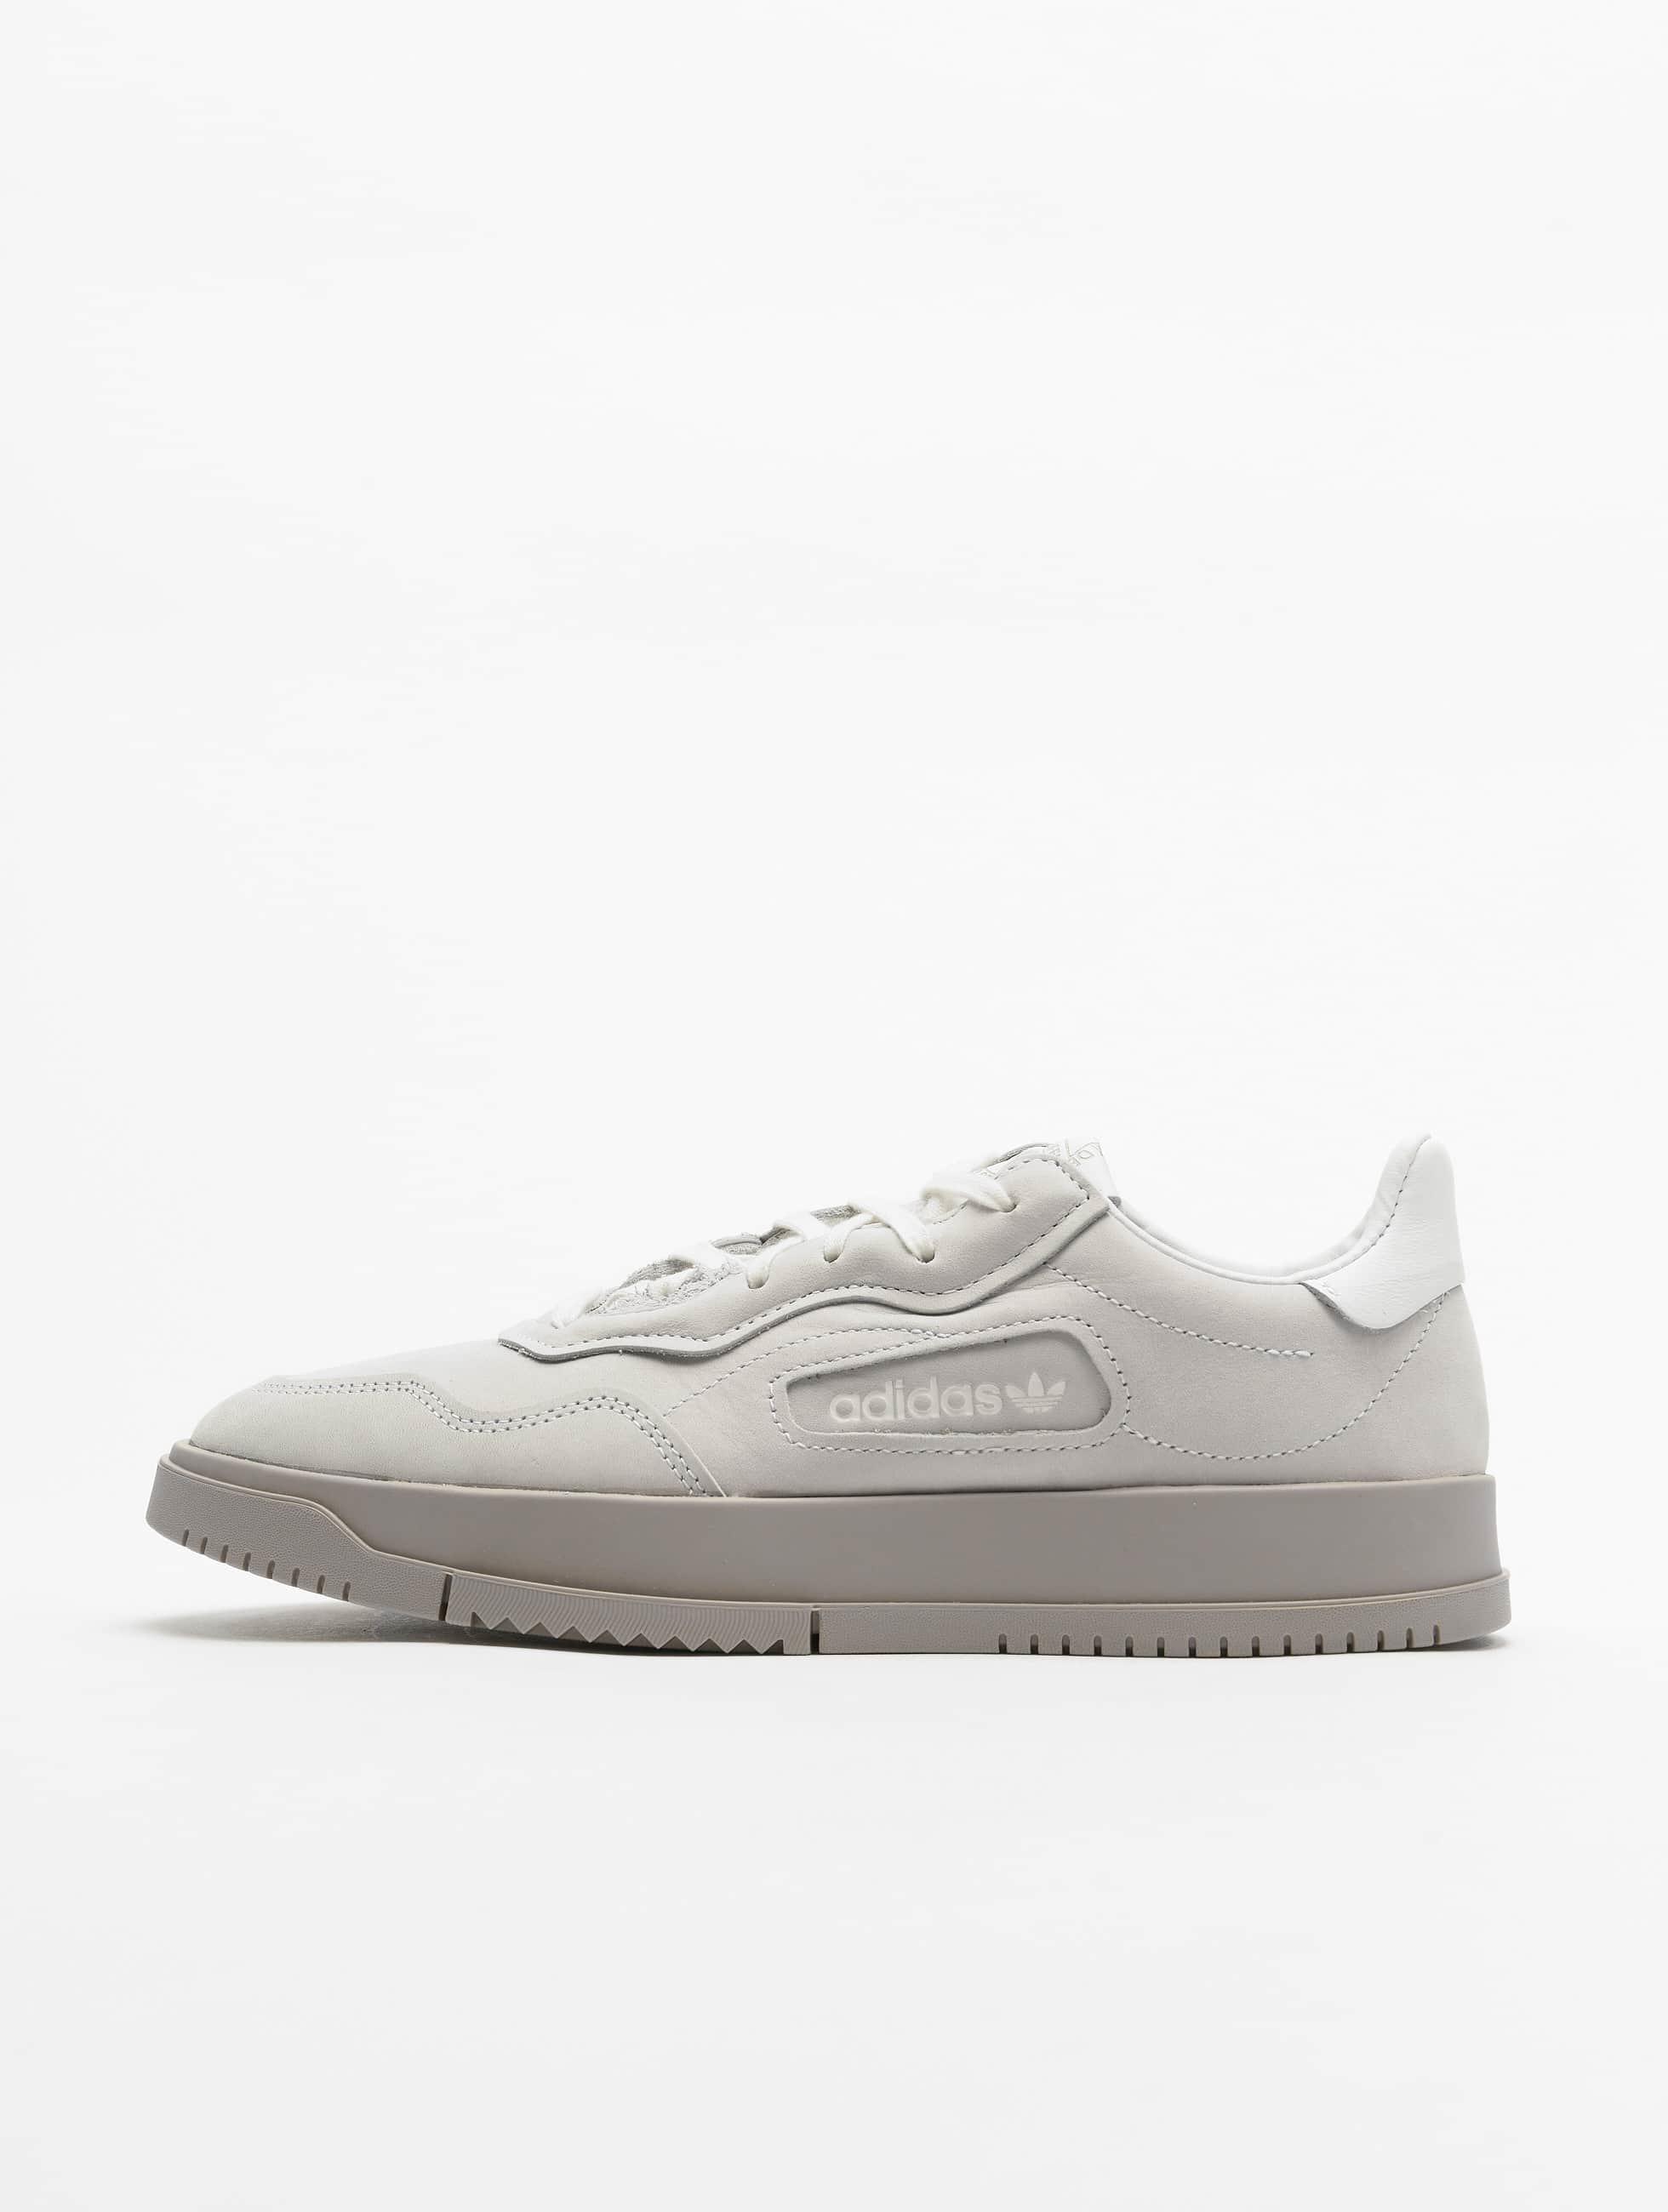 Adidas Originals SC Premiere Sneakers Ftwr WhiteFtwr WhiteLight Brown